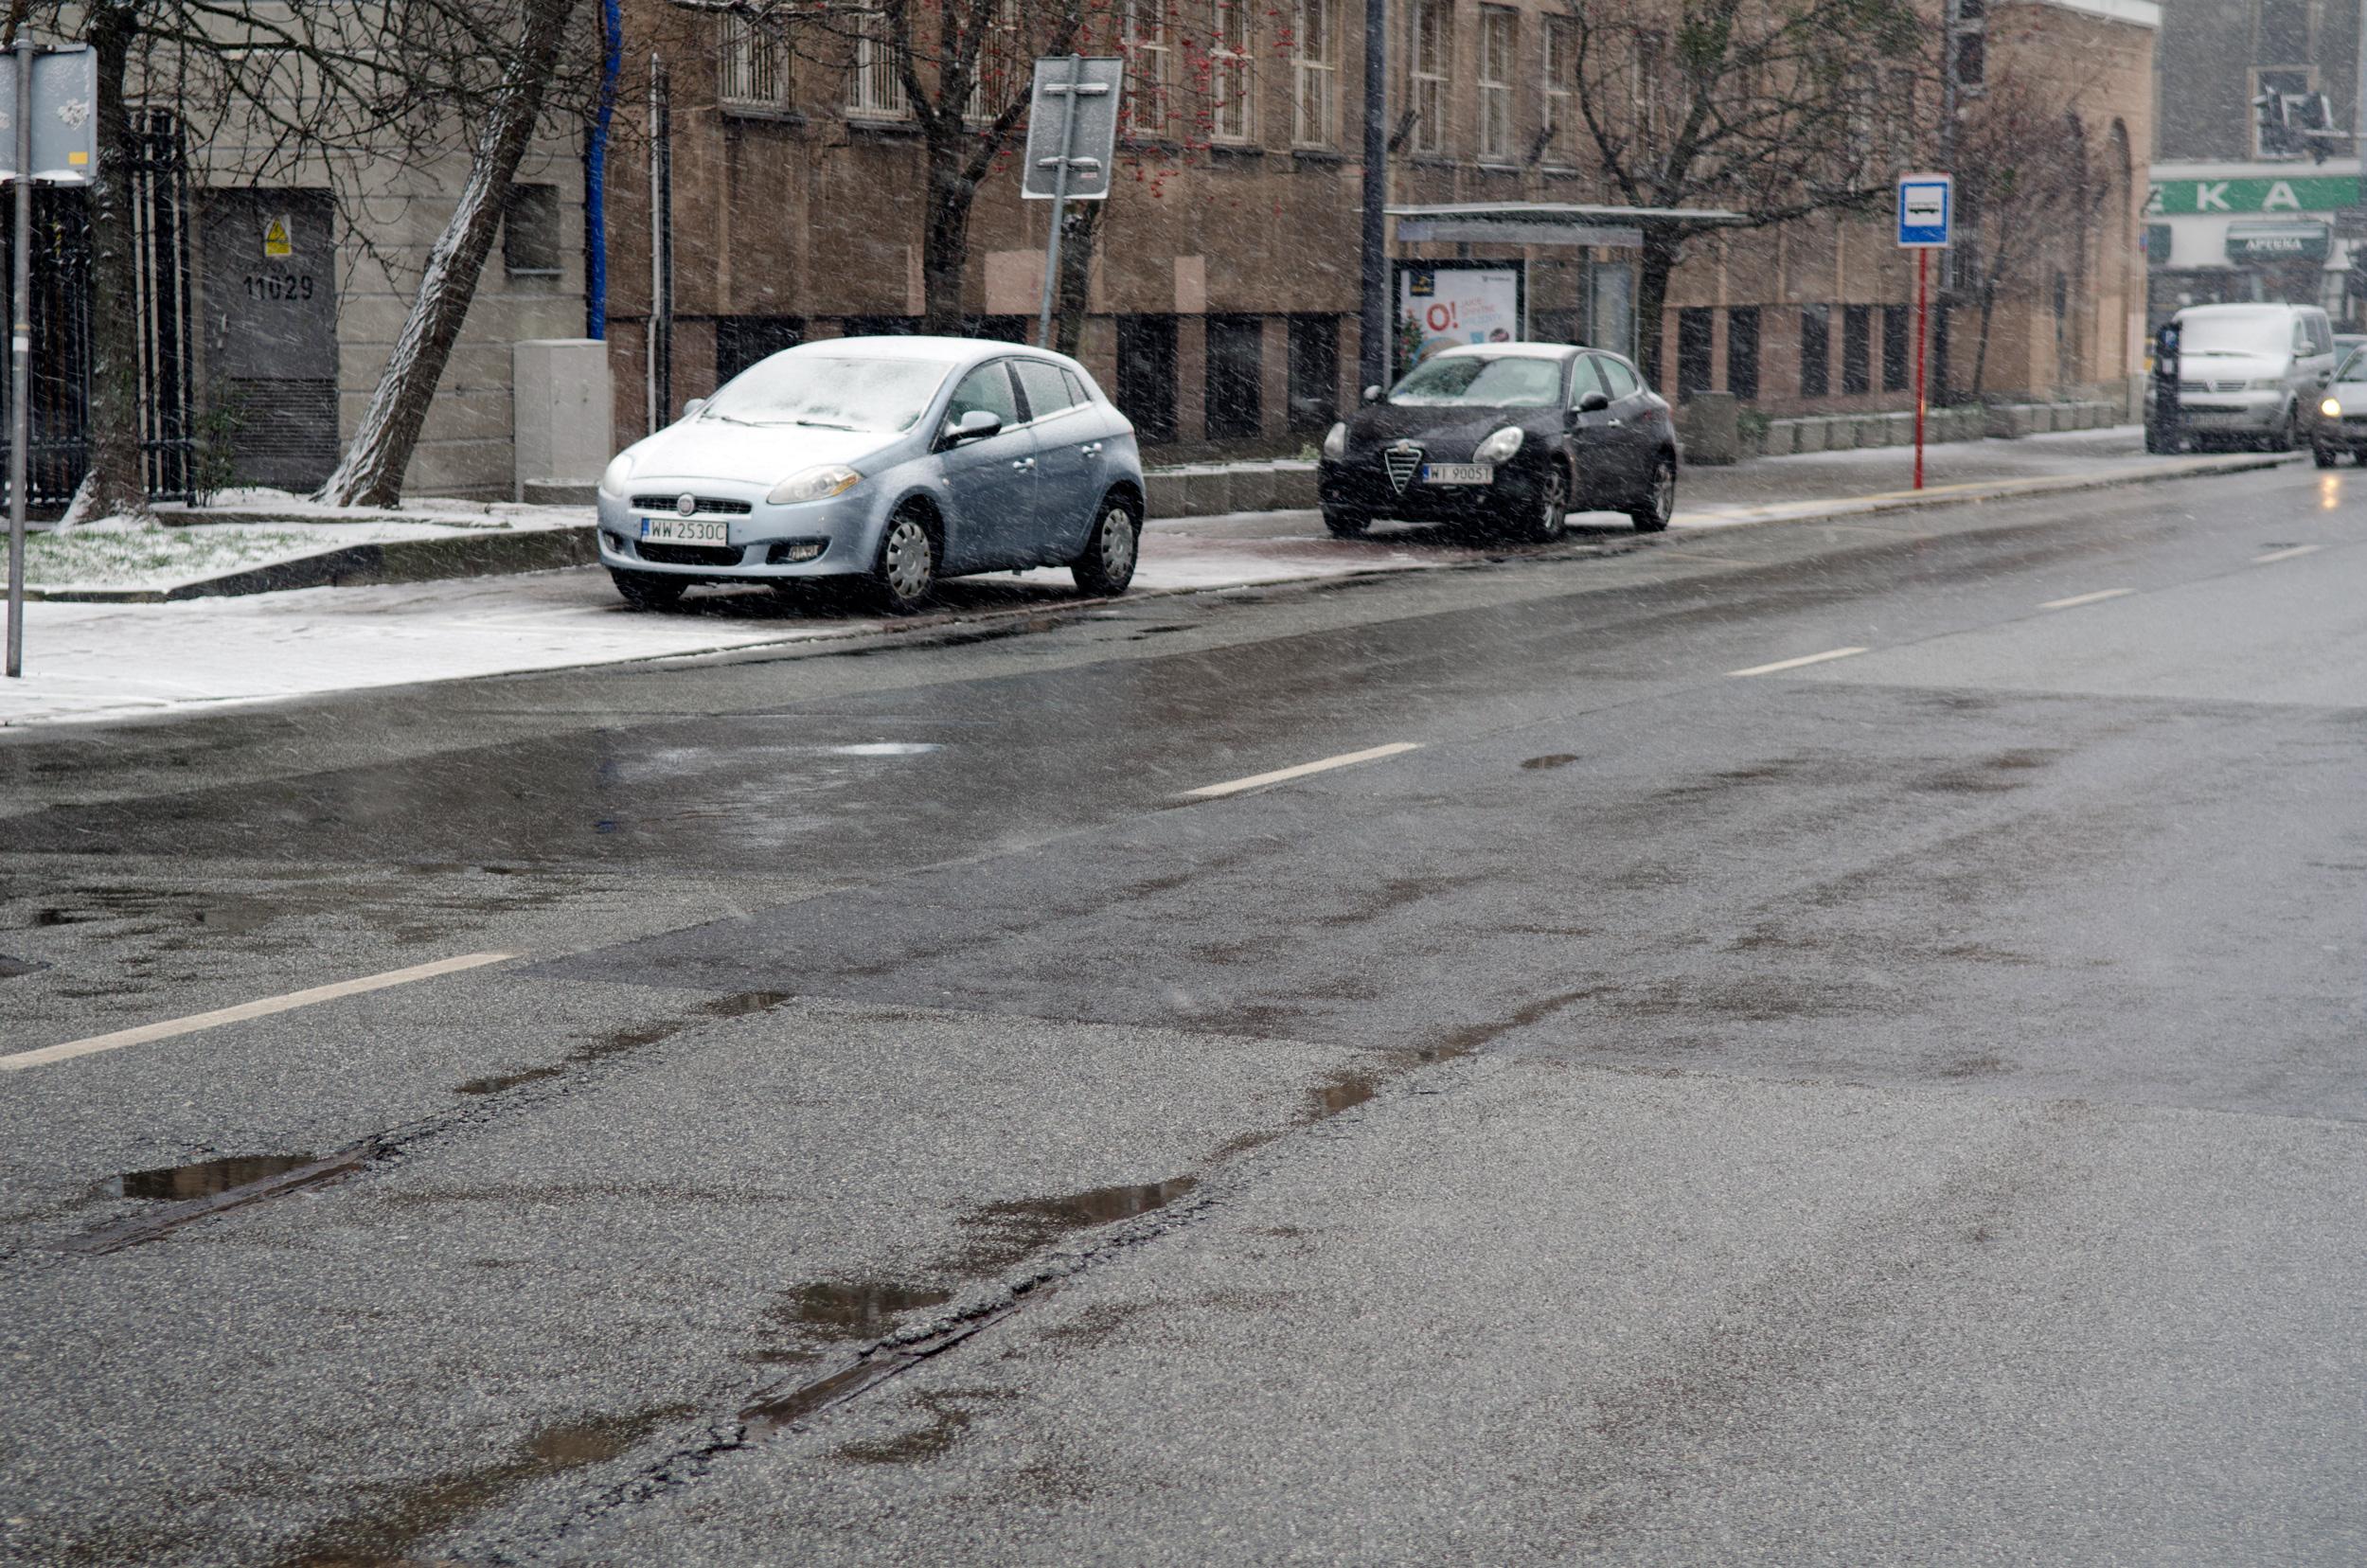 ul. Żelazna, widoczne tory tramwajowe nawysokości szpitala św.Zofii, fot.Jarek Zuzga